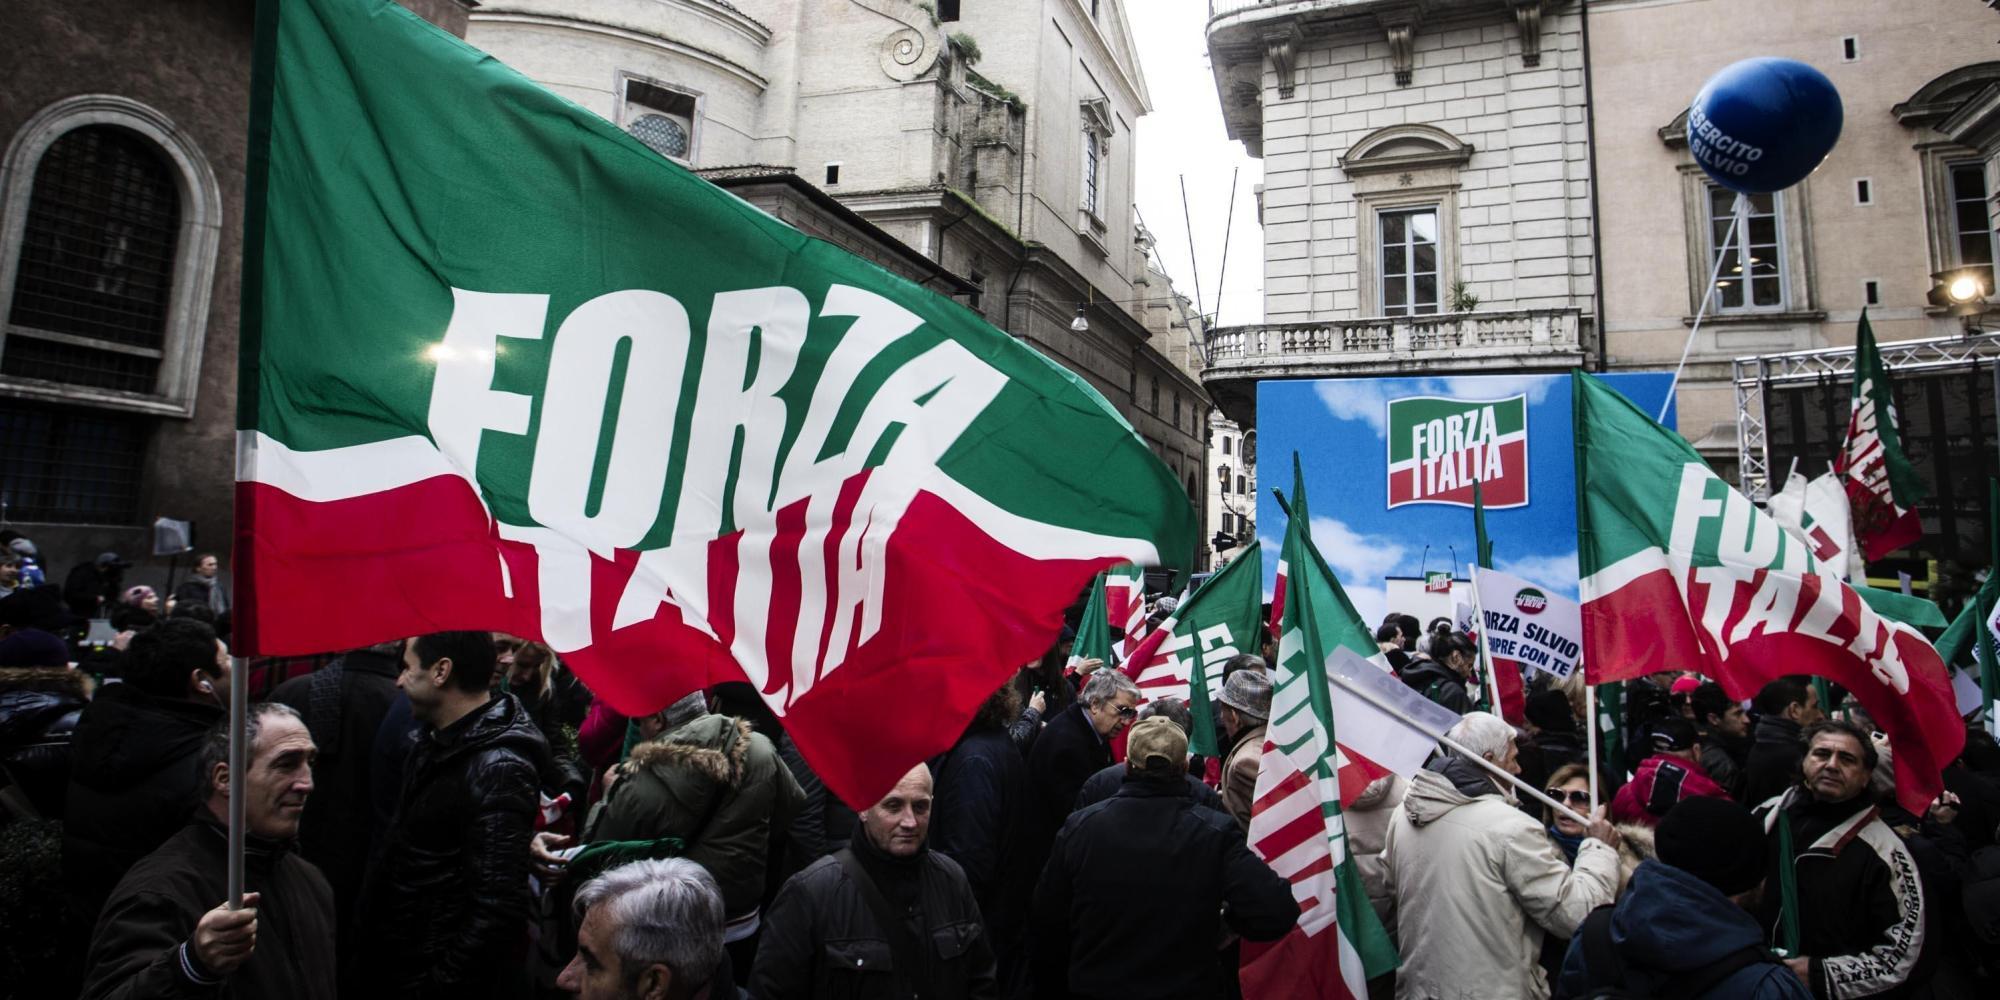 Decadenza silvio berlusconi il discorso alla piazza for Parlamentari forza italia